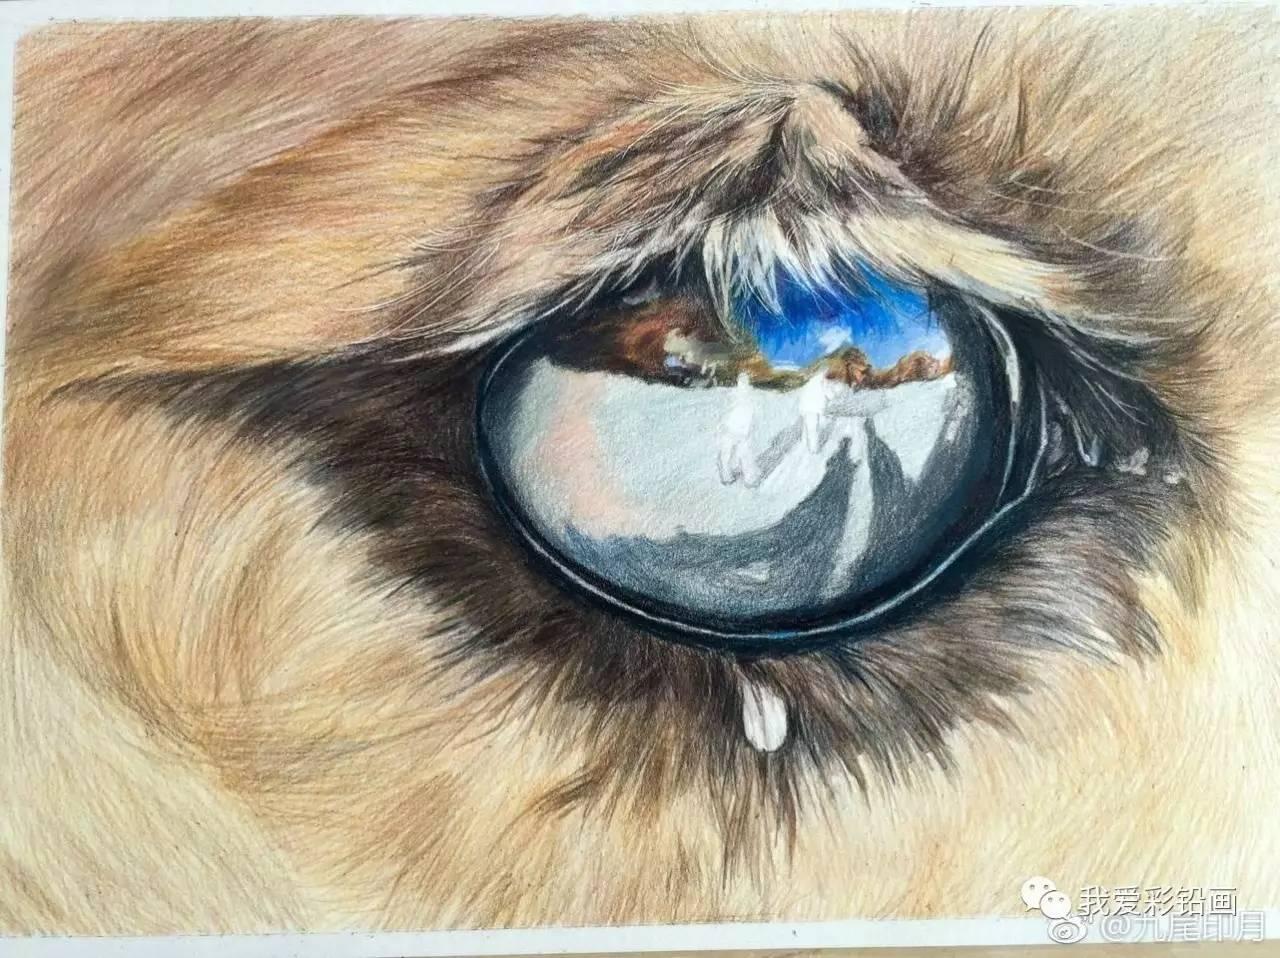 骆驼有几层眼睫�_彩铅手绘骆驼眼睛~~逼真如照片!